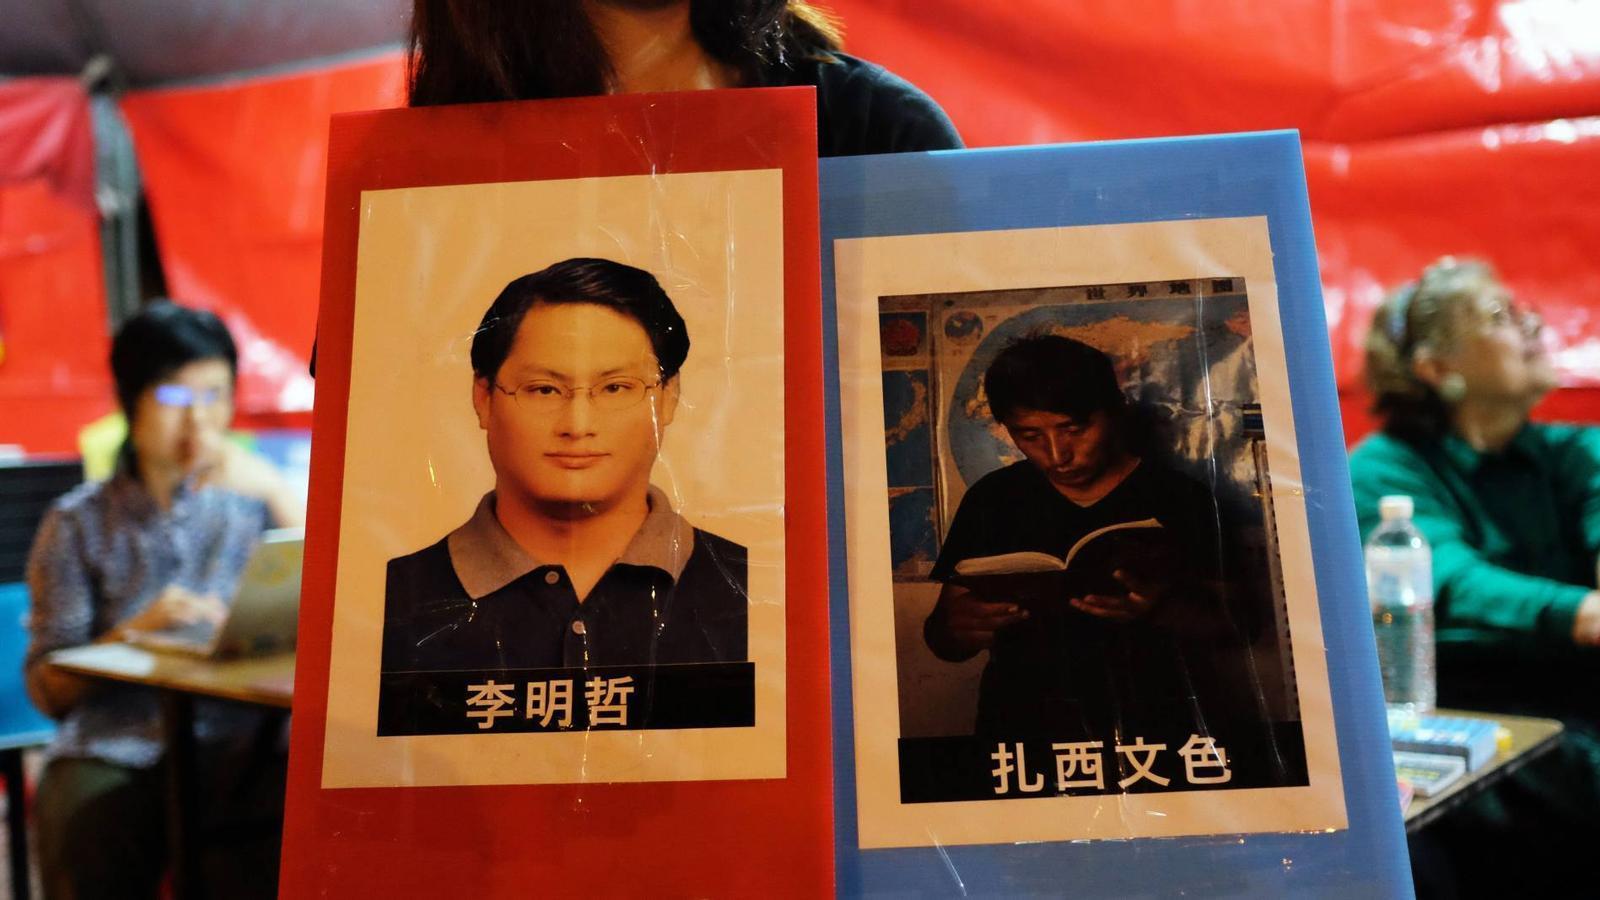 educador tibet condemnat a la xina